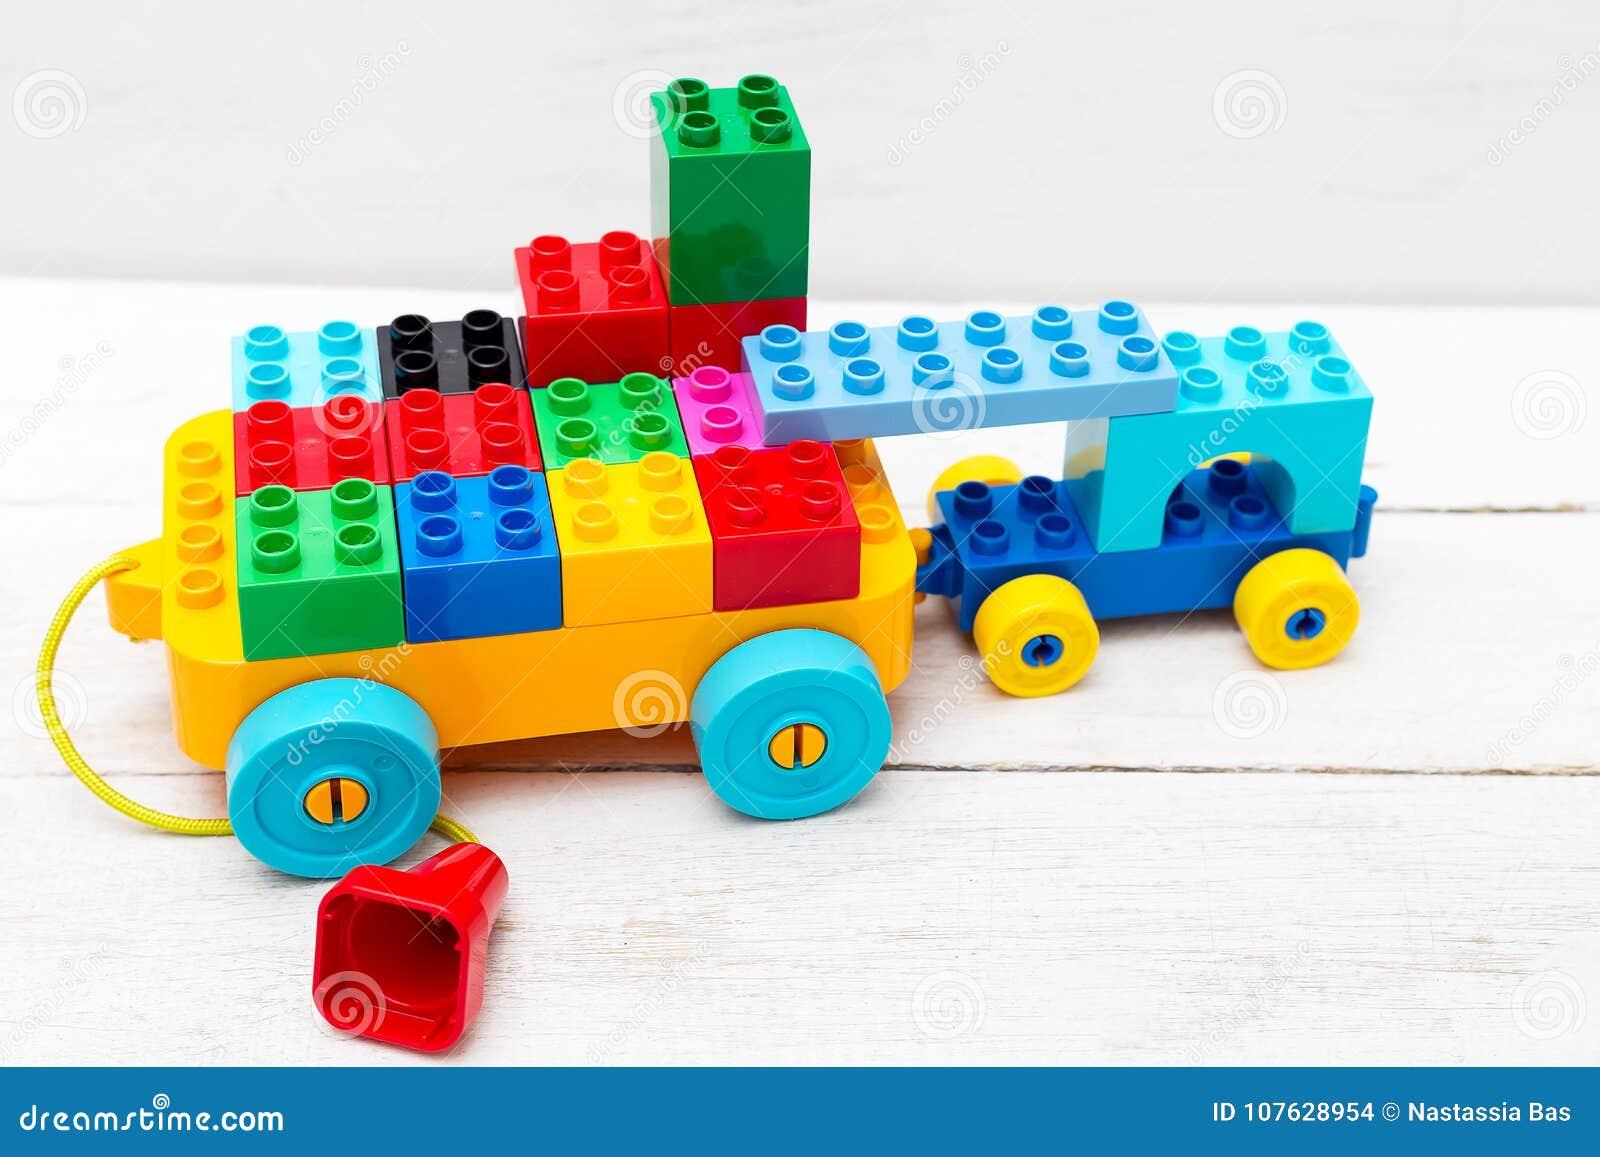 Sur Lego Cubes Fond T Jouet Un En Bois De Des Une Voiture qSMVpUz